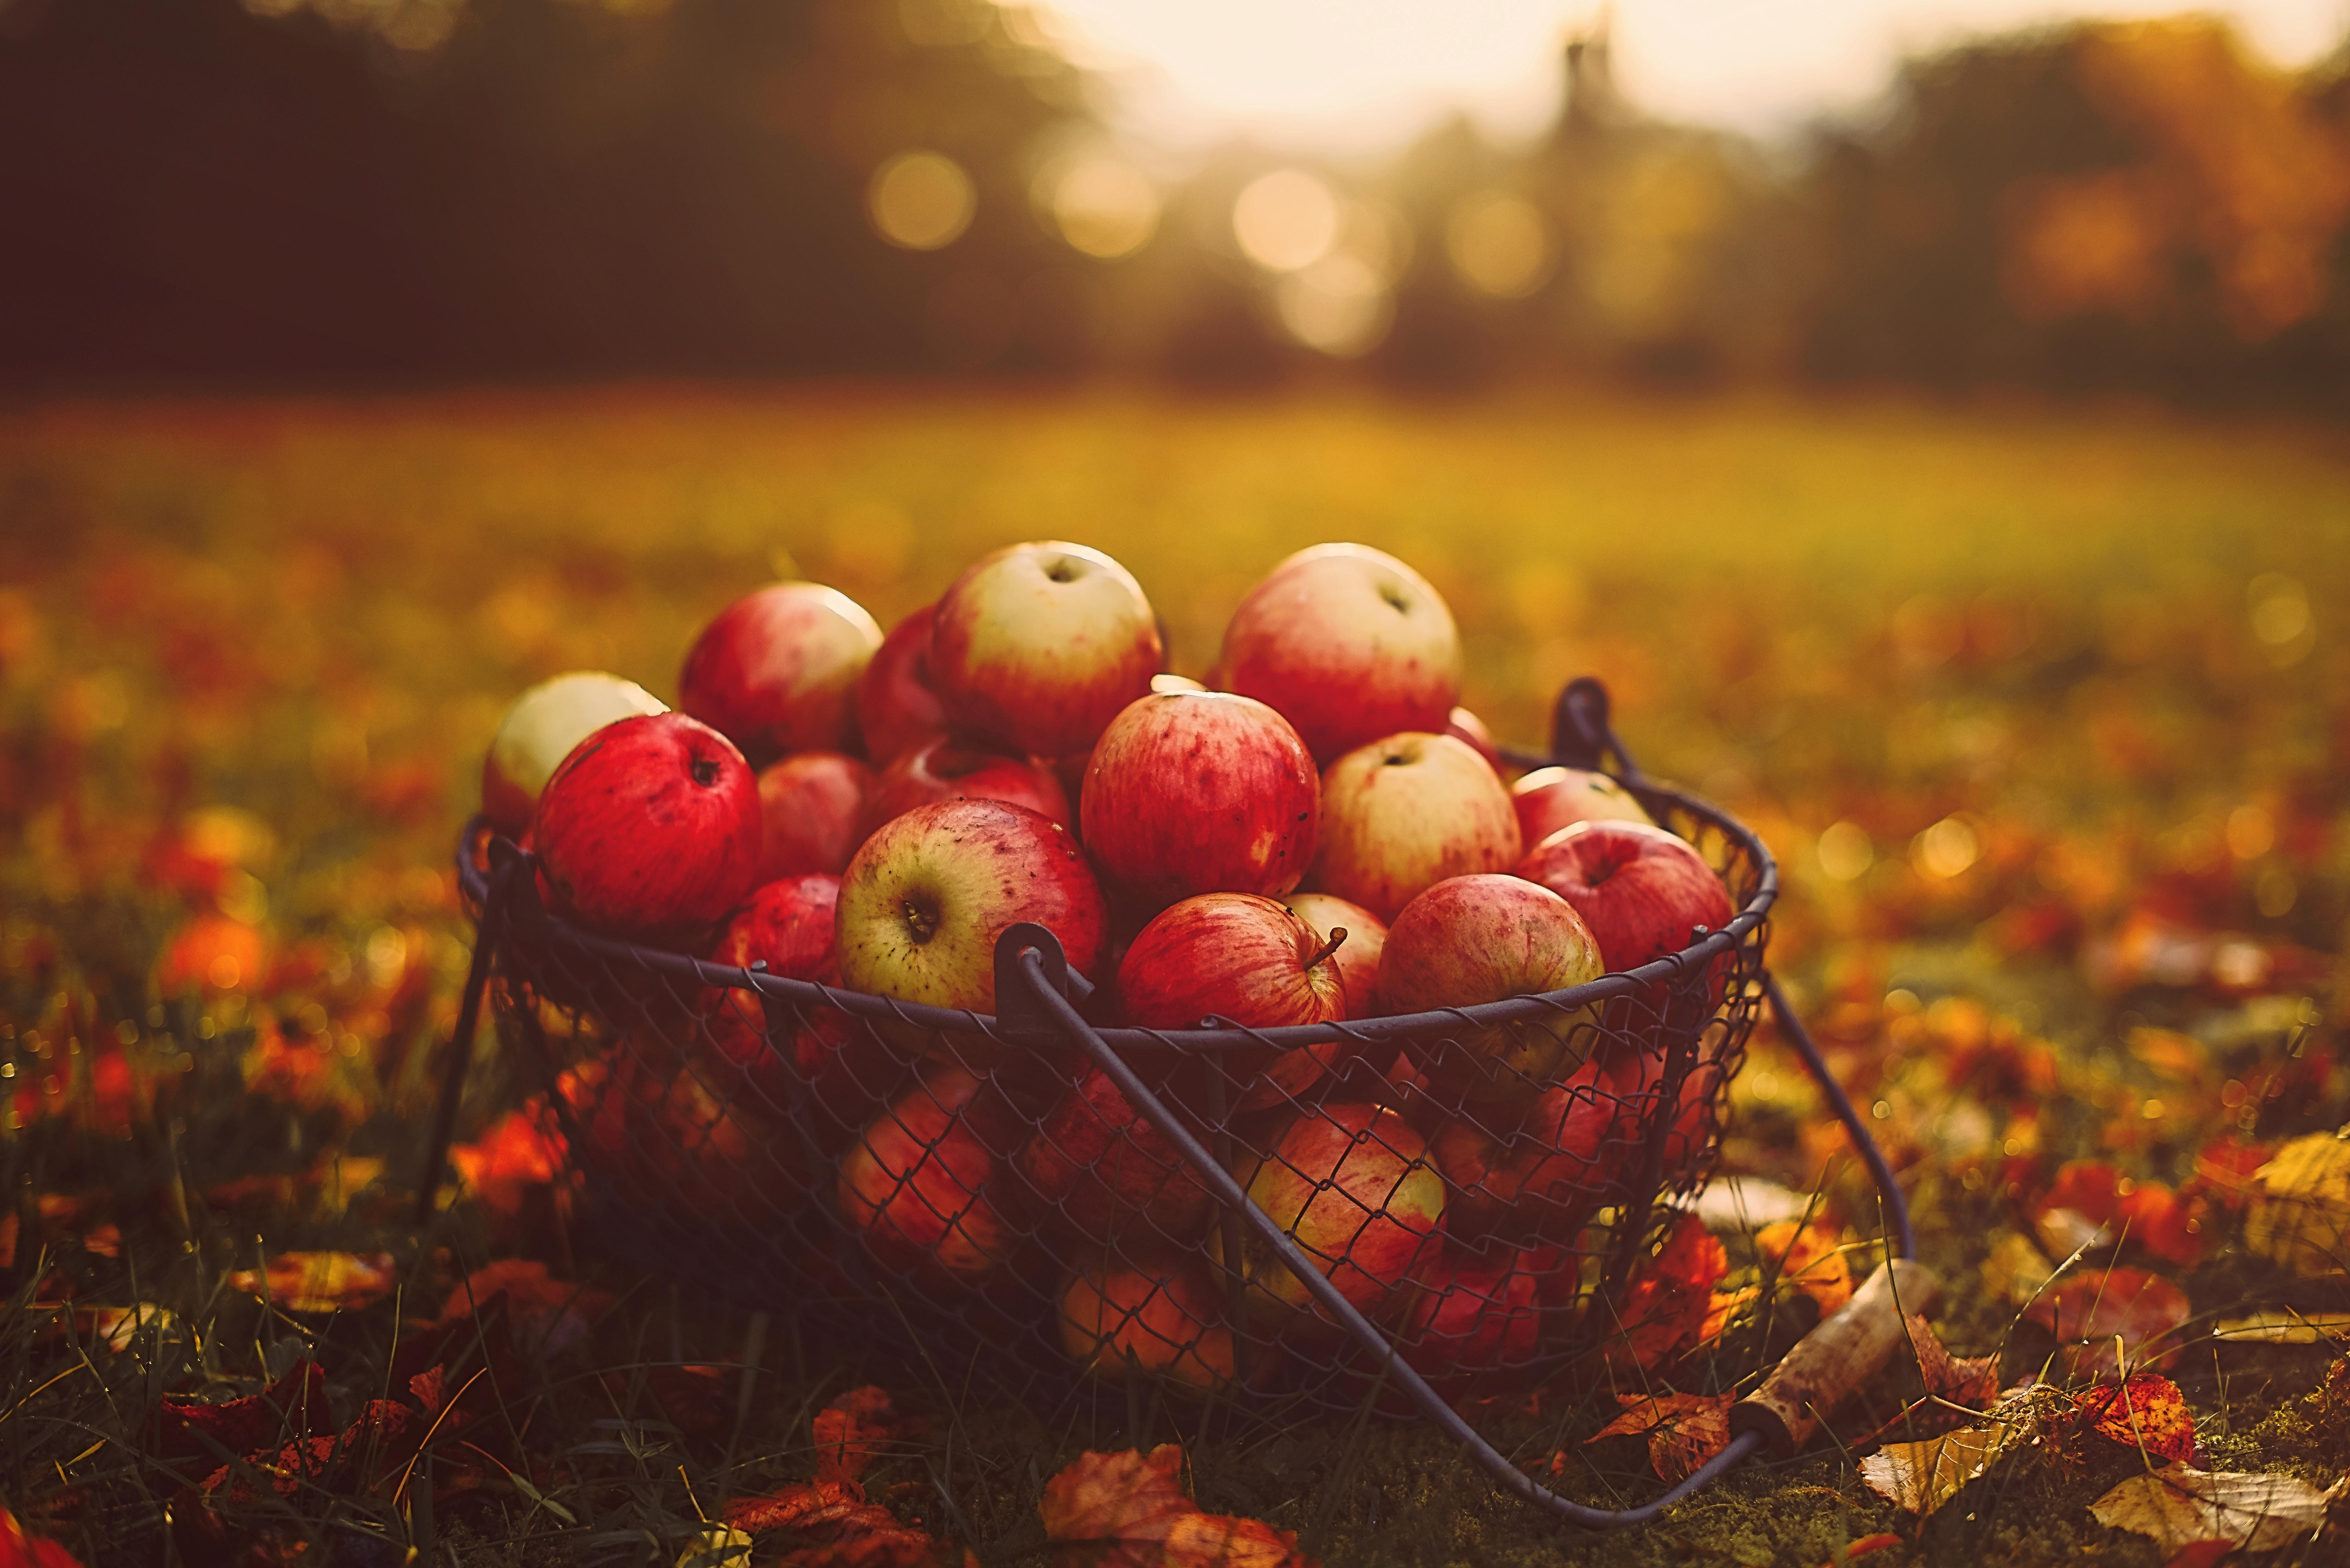 123844 скачать обои Еда, Корзина, Осень, Урожай, Яблоки - заставки и картинки бесплатно